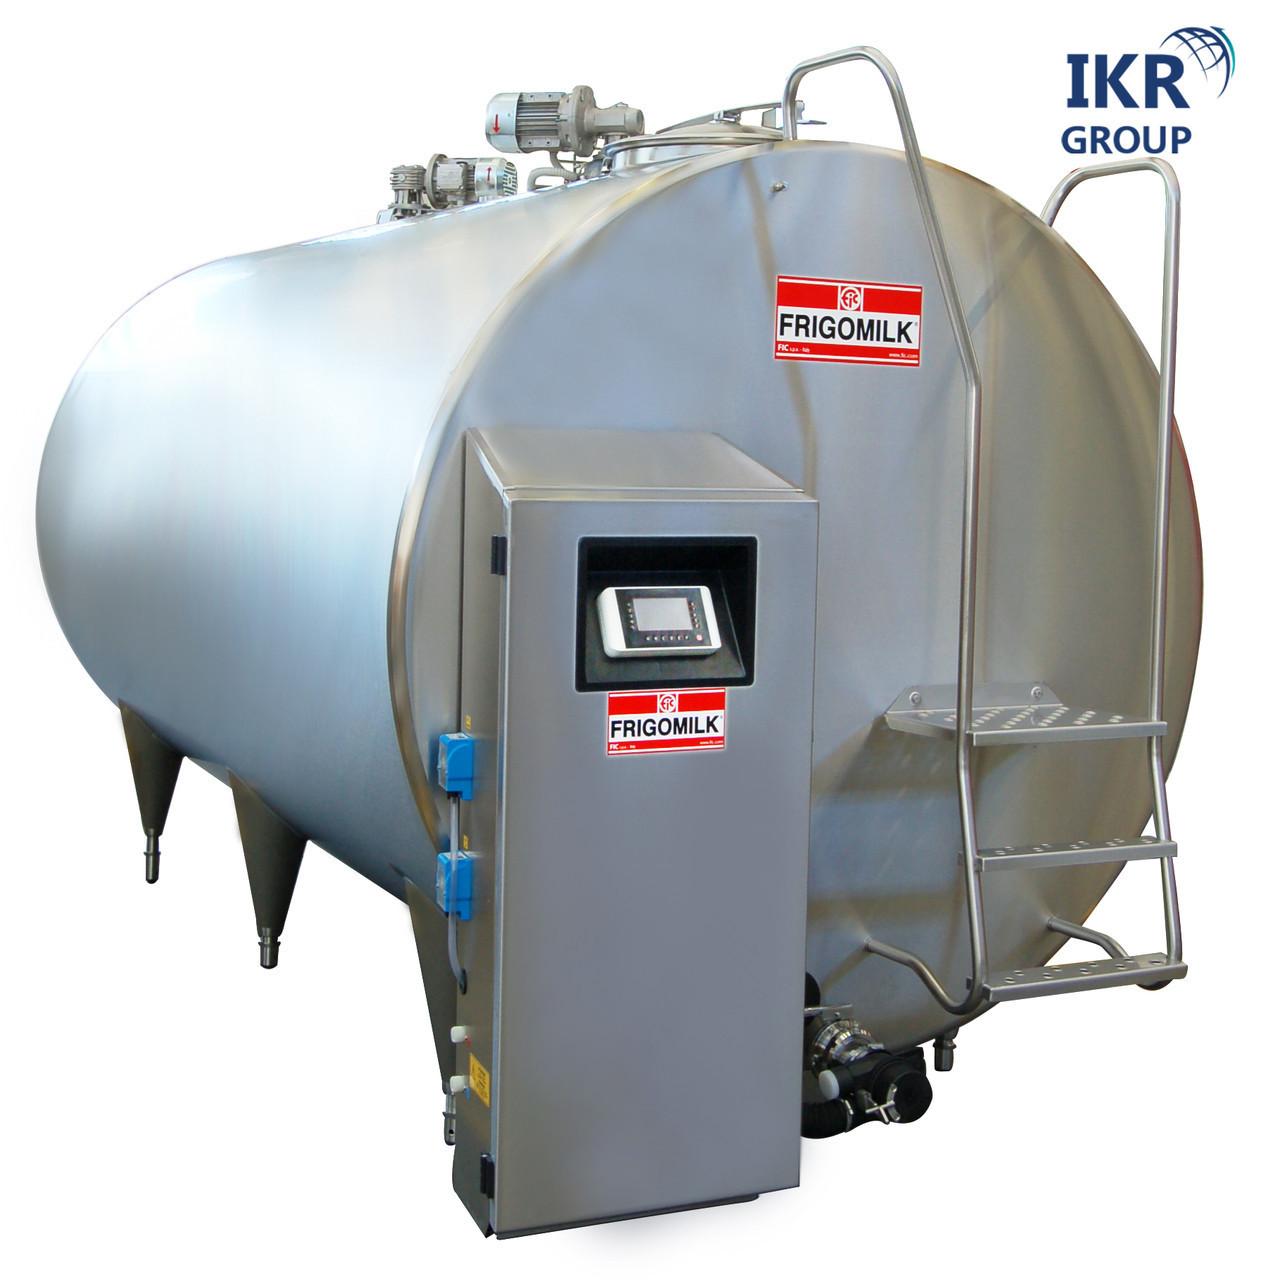 Танк охладитель молока новый Frigomilk G9 объемом 3000 литров